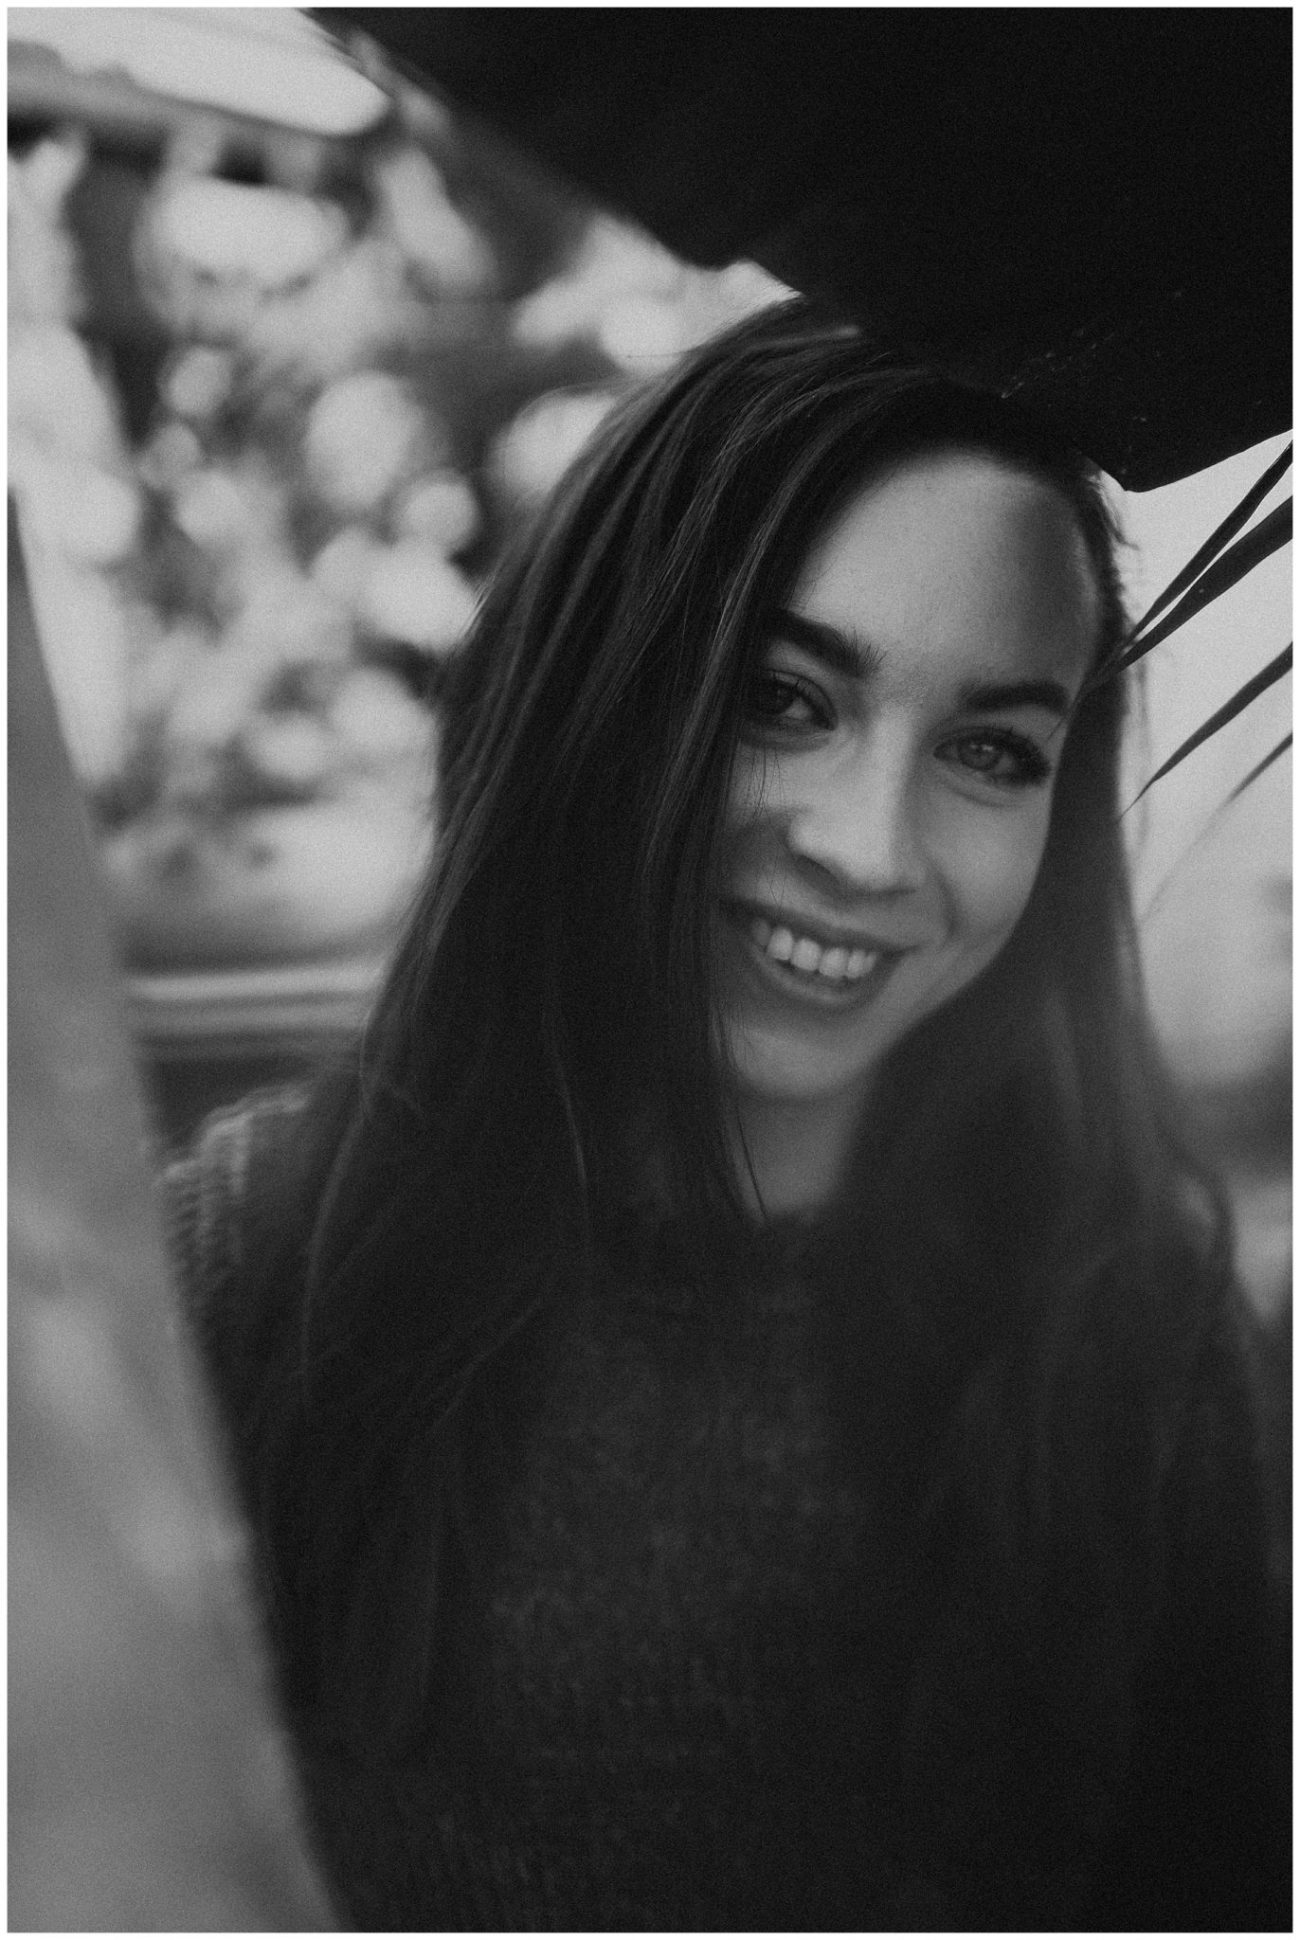 Sabrina    Candid Portraits – Lauren F.otography 6a6f82b2cf17